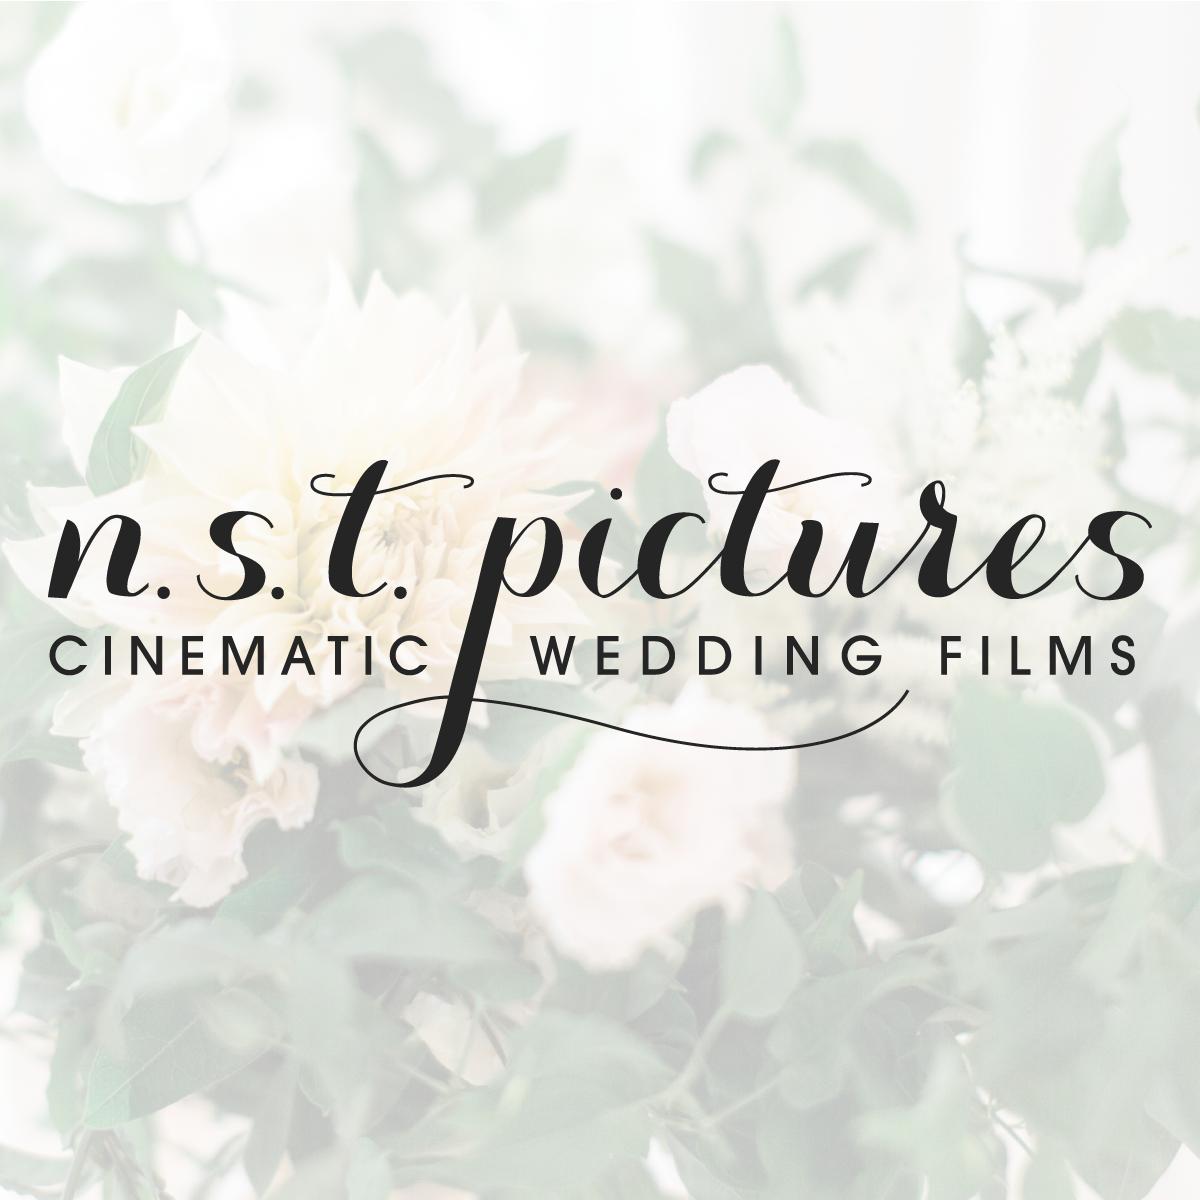 NST_Pictures_Wedding_Videos_OG_Image-01-01.png